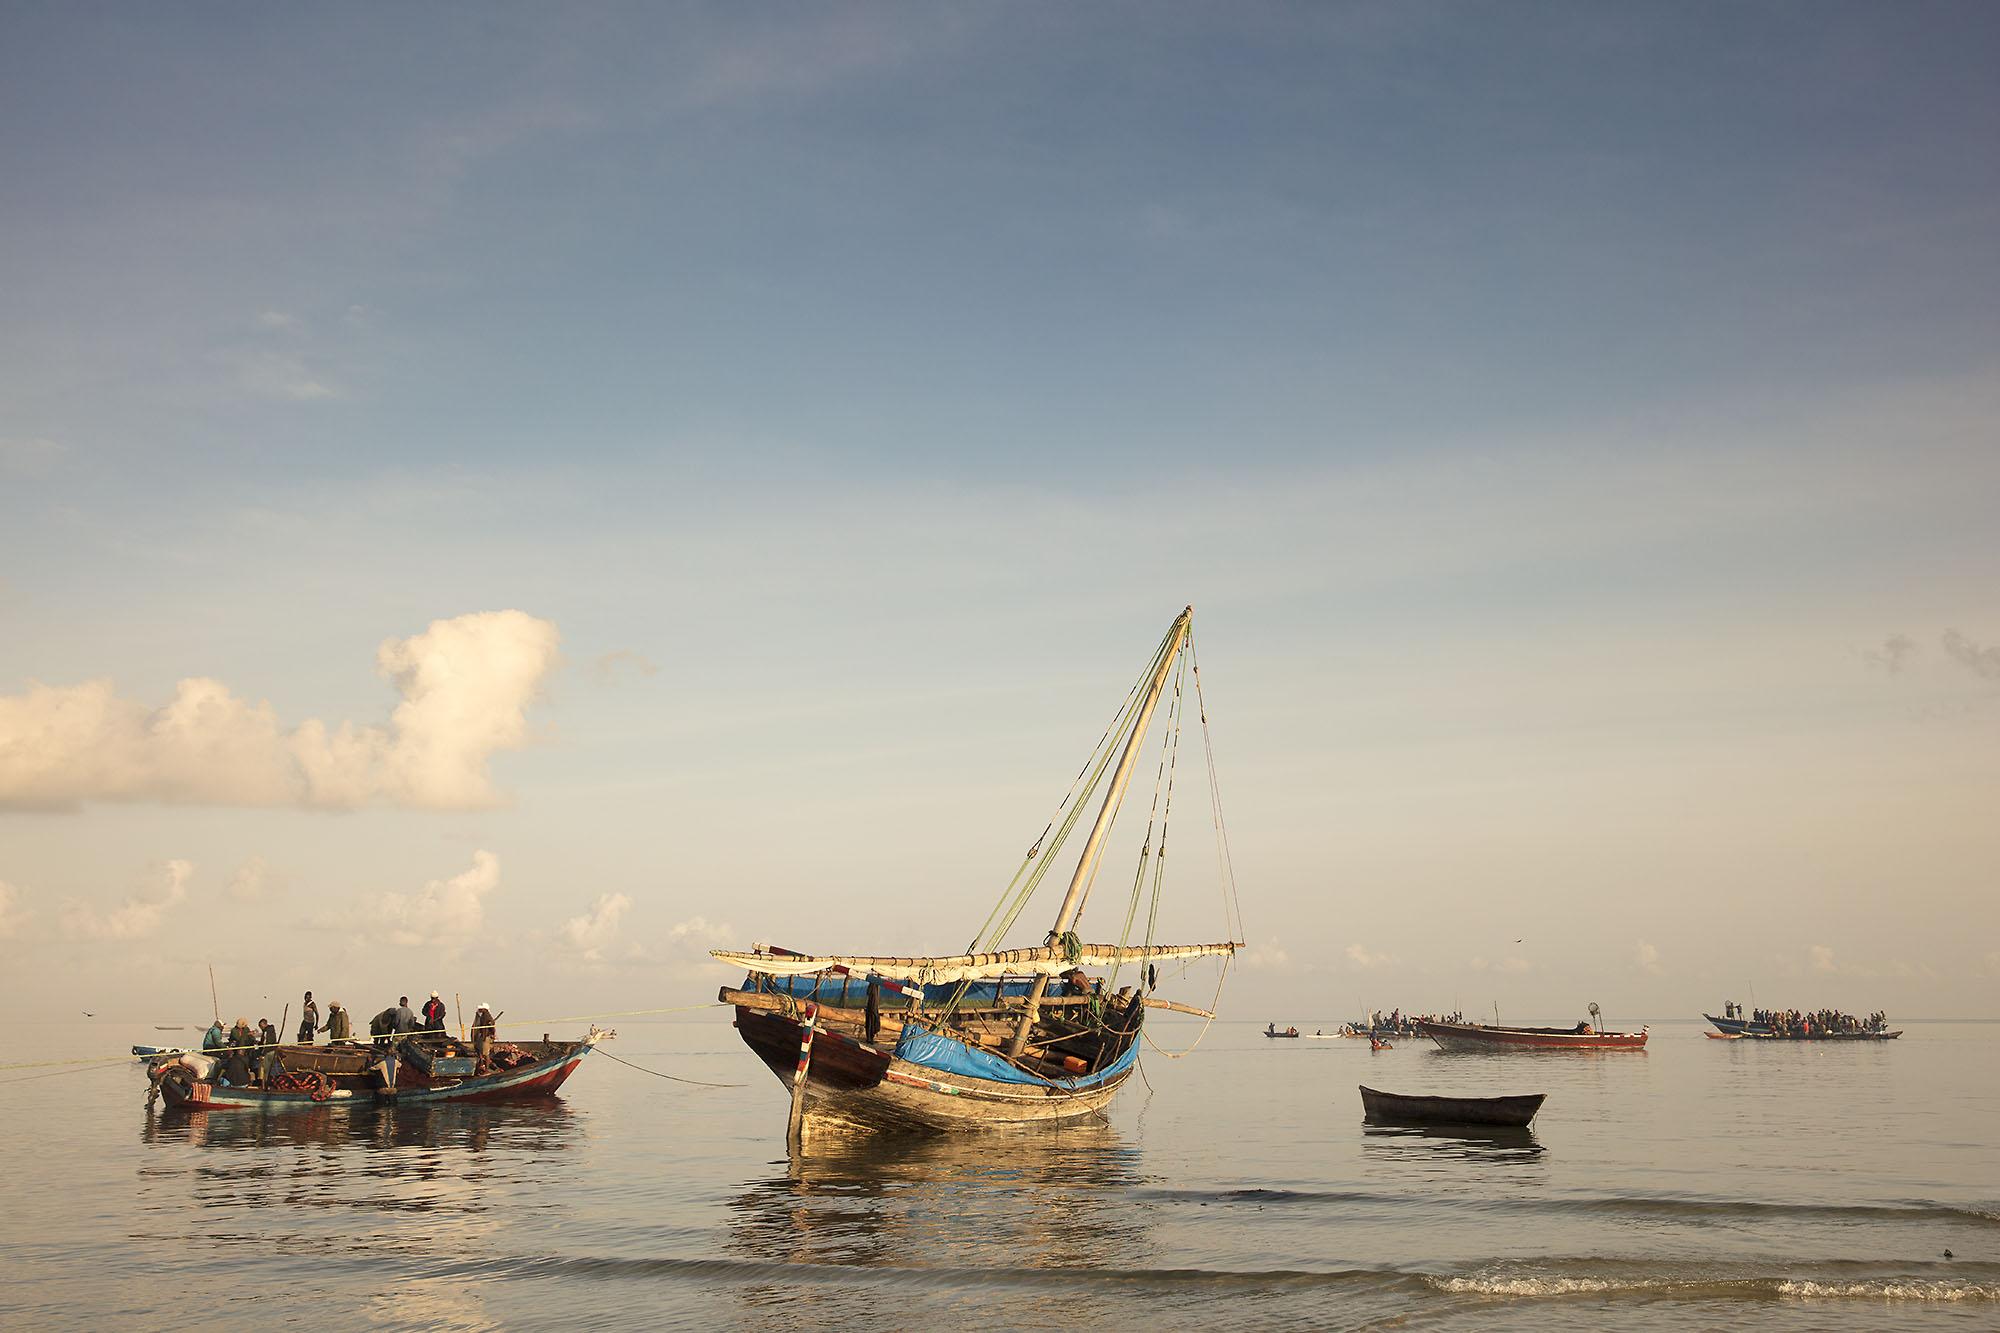 Karan Kapoor - Mafia Island boats